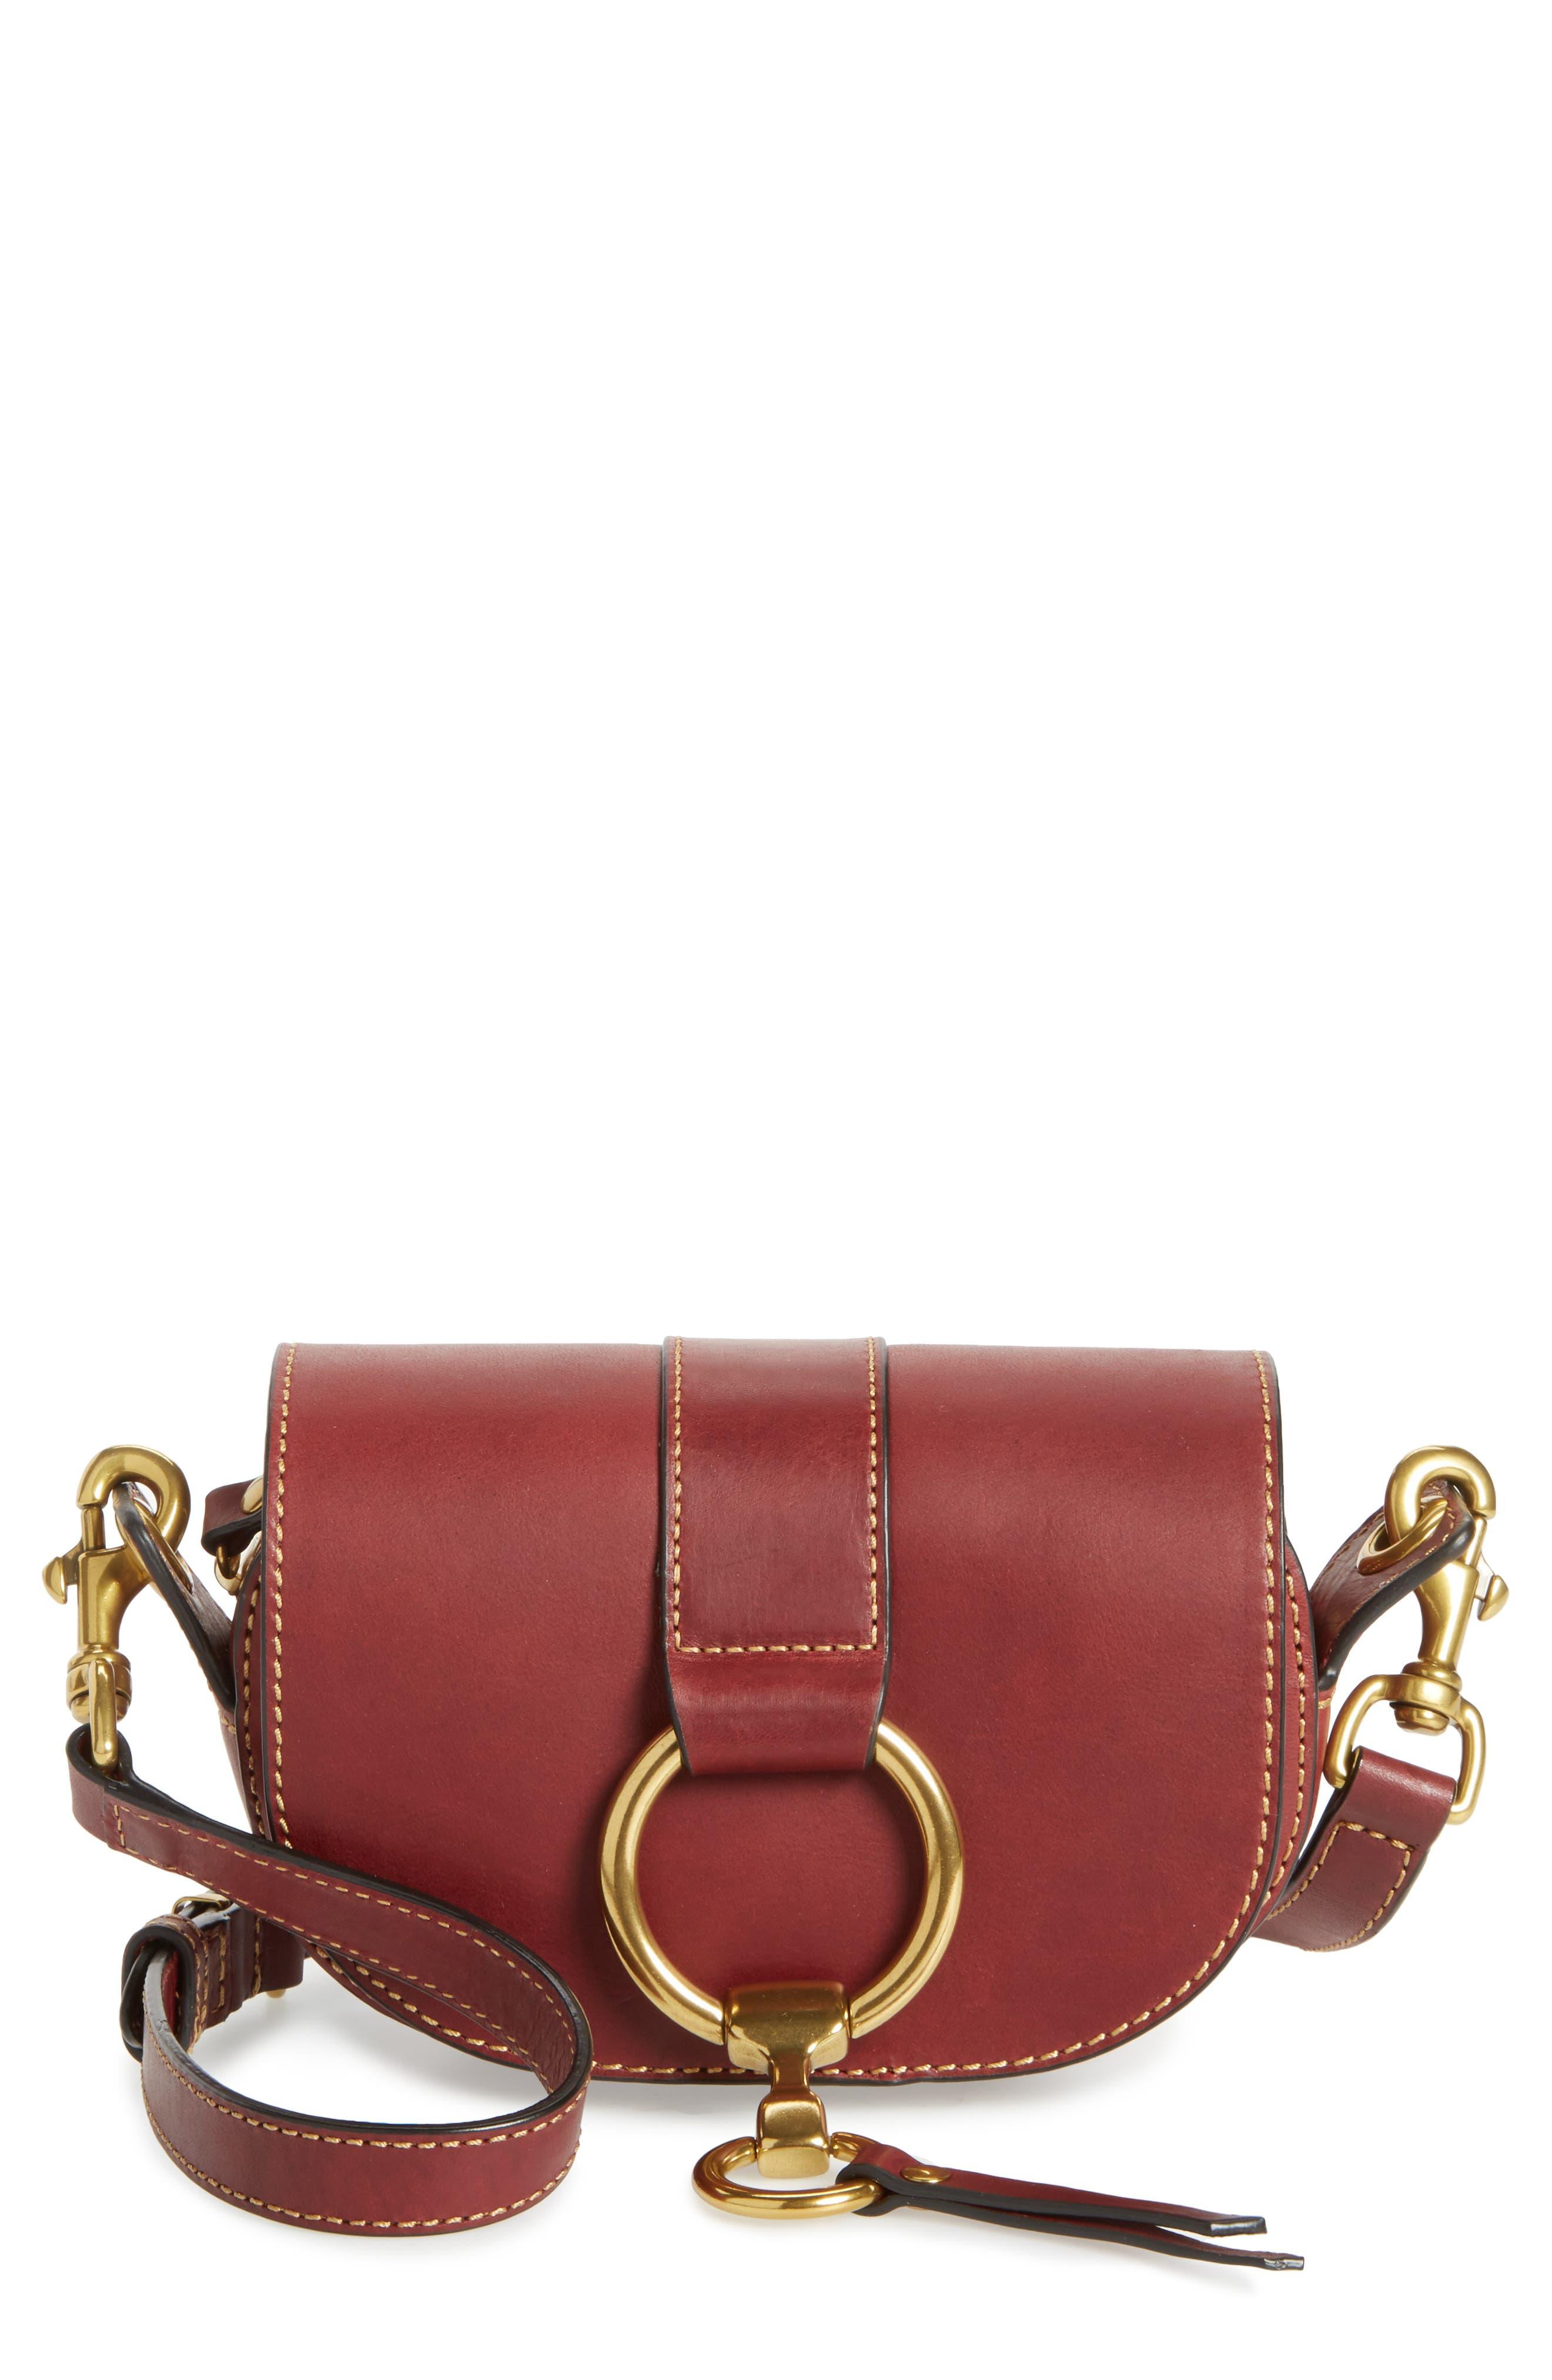 Alternate Image 1 Selected - Frye Mini Ilana Harness Leather Saddle Bag